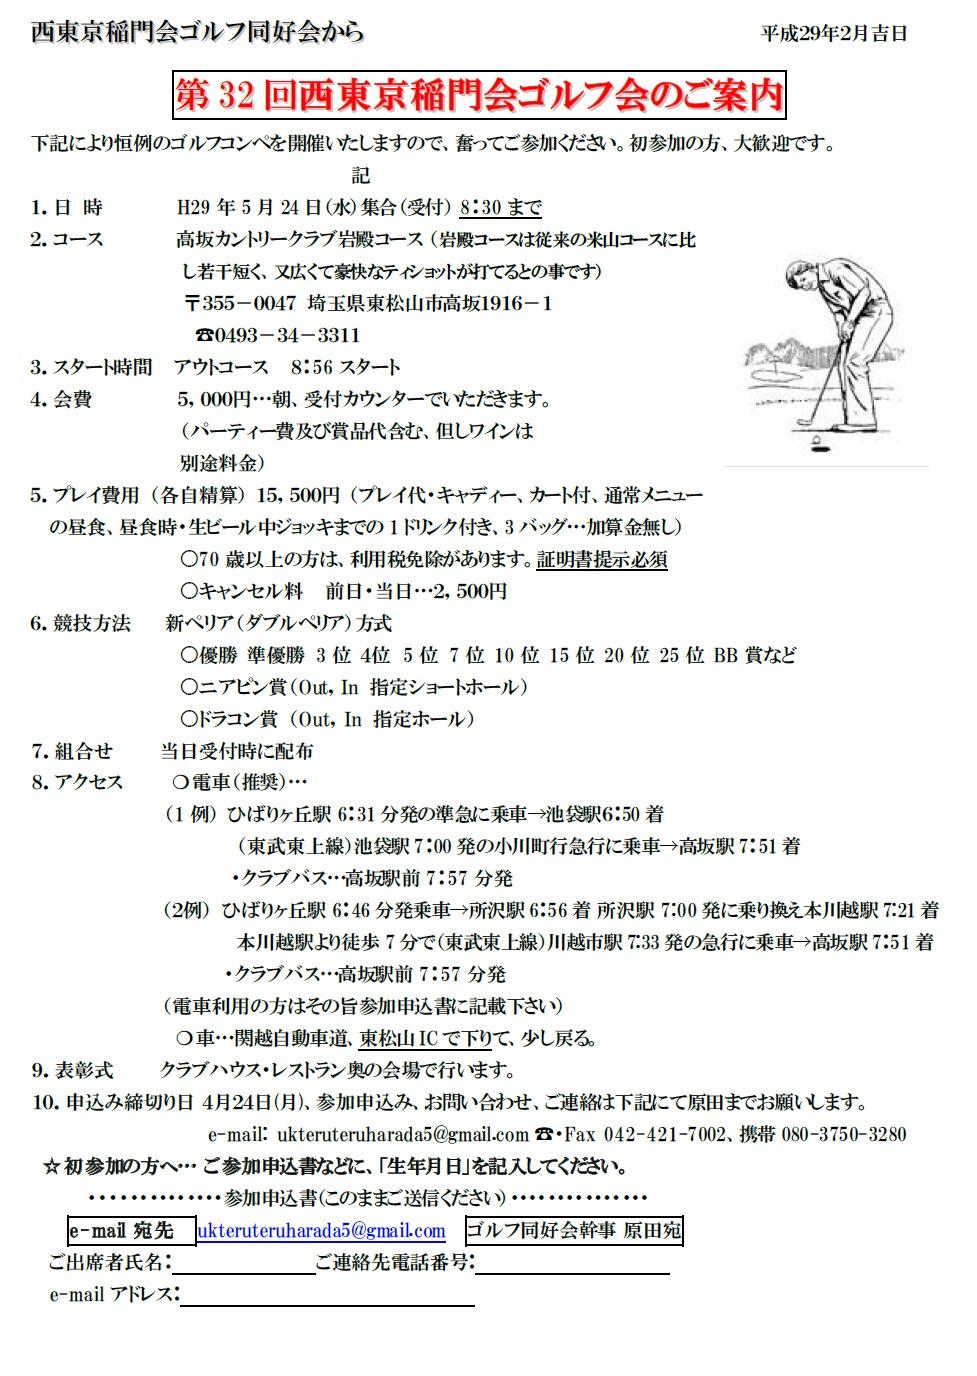 西東京稲門会_ゴルフ同好会_2017